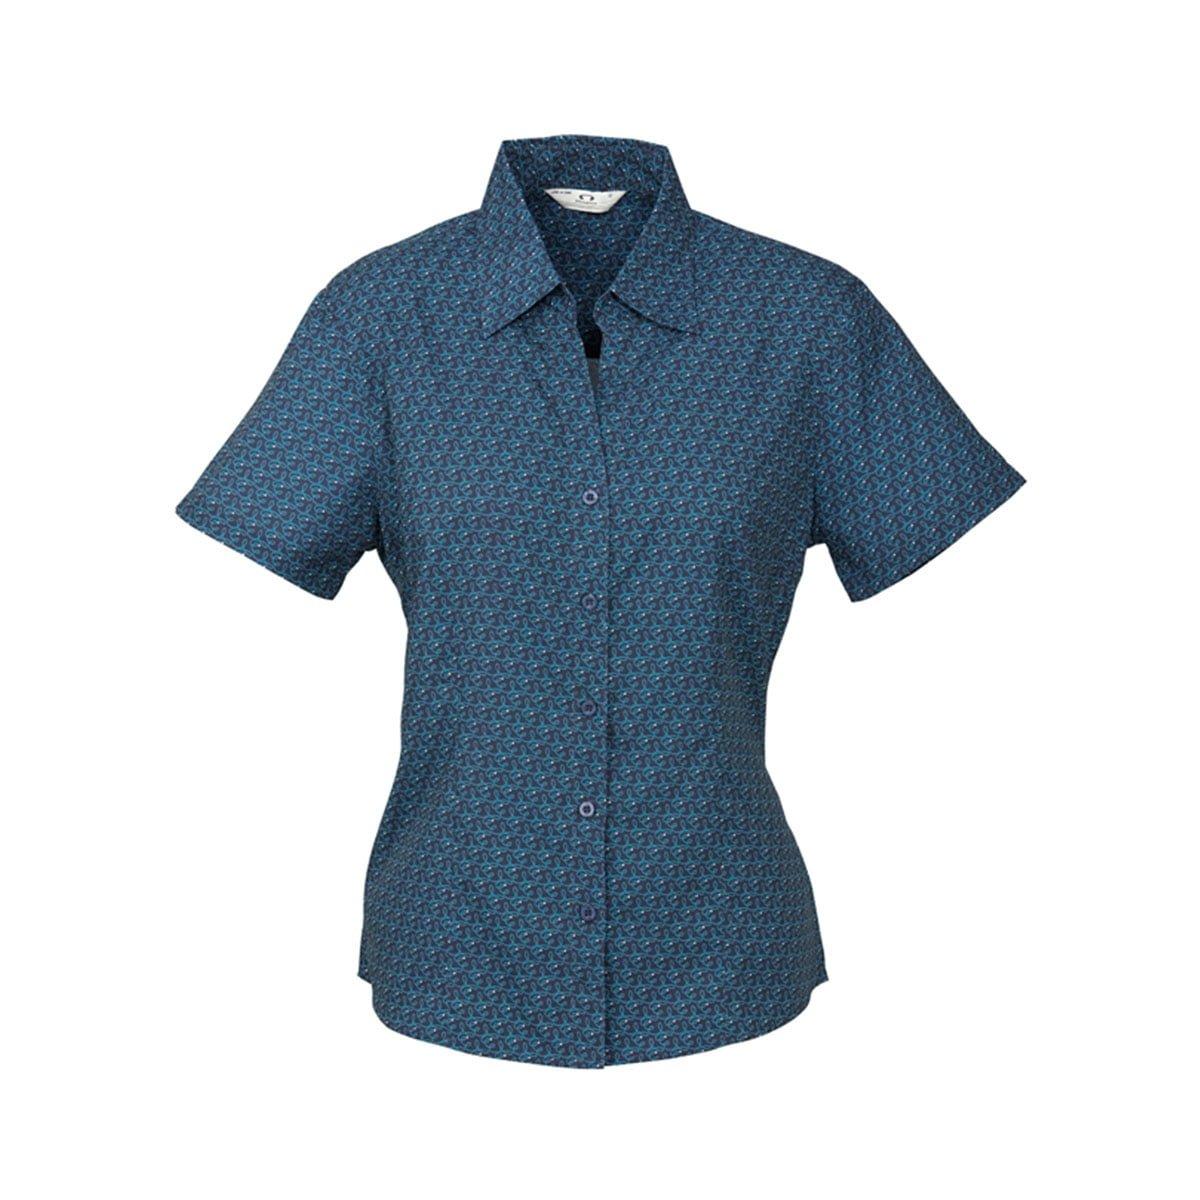 Ladies Printed Oasis Short Sleeve Shirt-Navy